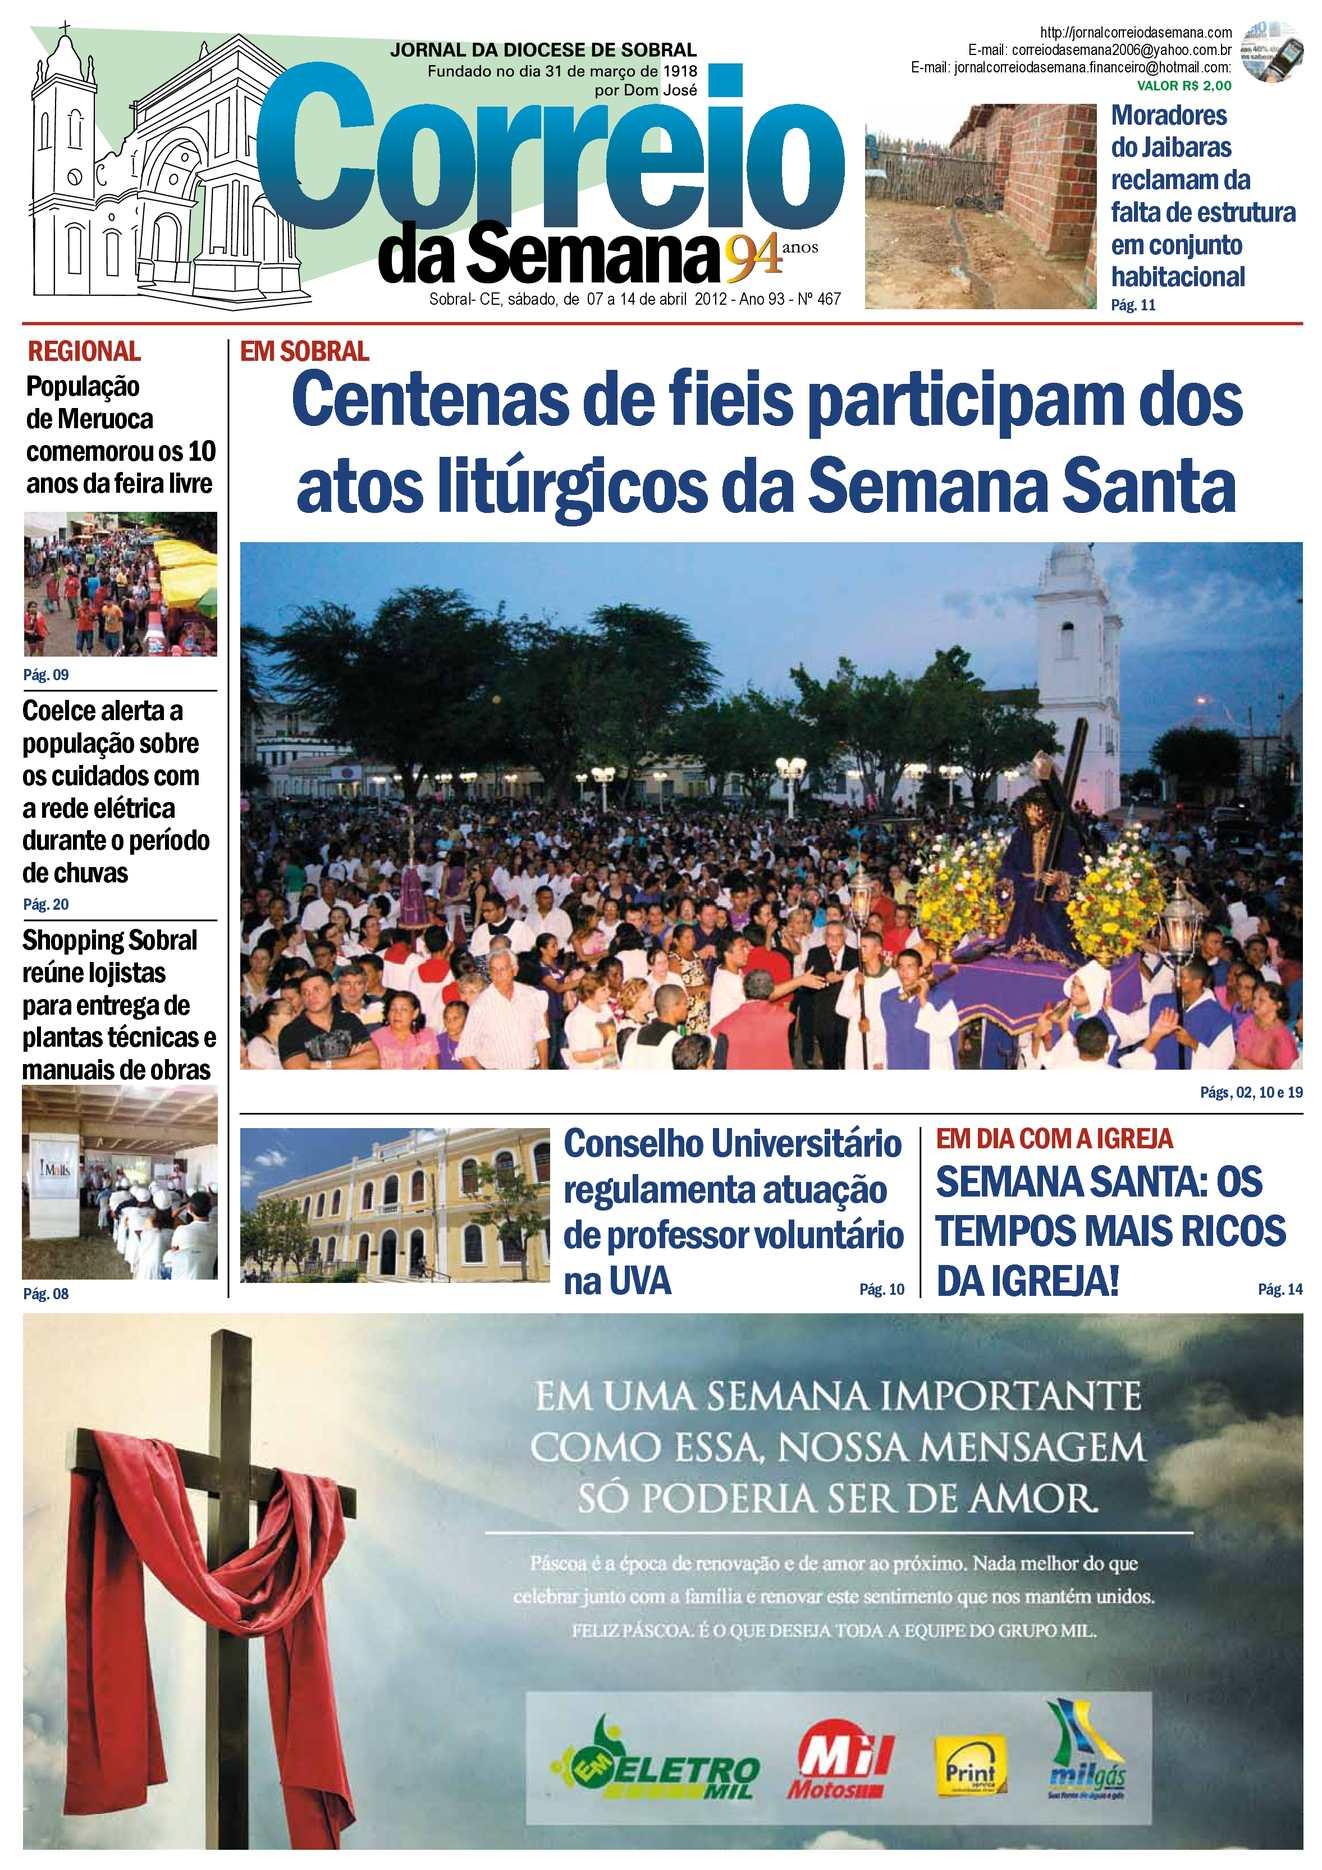 9e96b711b Calaméo - Correio da Semana 467